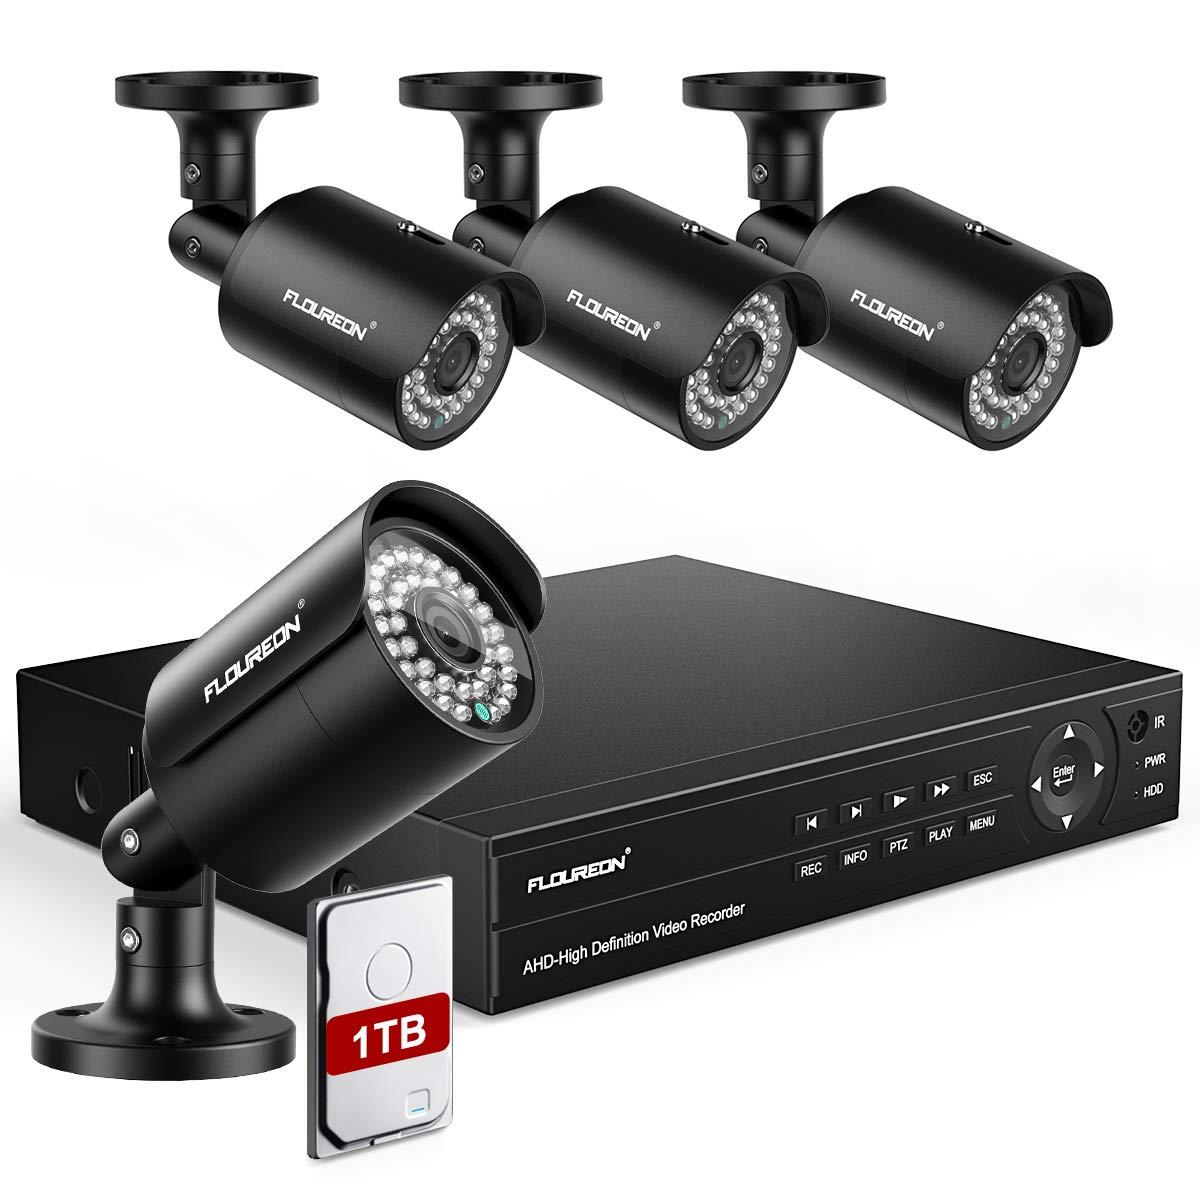 FLOUREON DVR Kits de Vigilancia 6 En 1 (Grabadora de Video DVR H.265 + 4*HD 1080P XVI CCTV Seguridad de Cámara IP + Disco Duro de 1TB HDD) IP66 Detección Humana, Alerta de Movimiento, Acceso Remoto